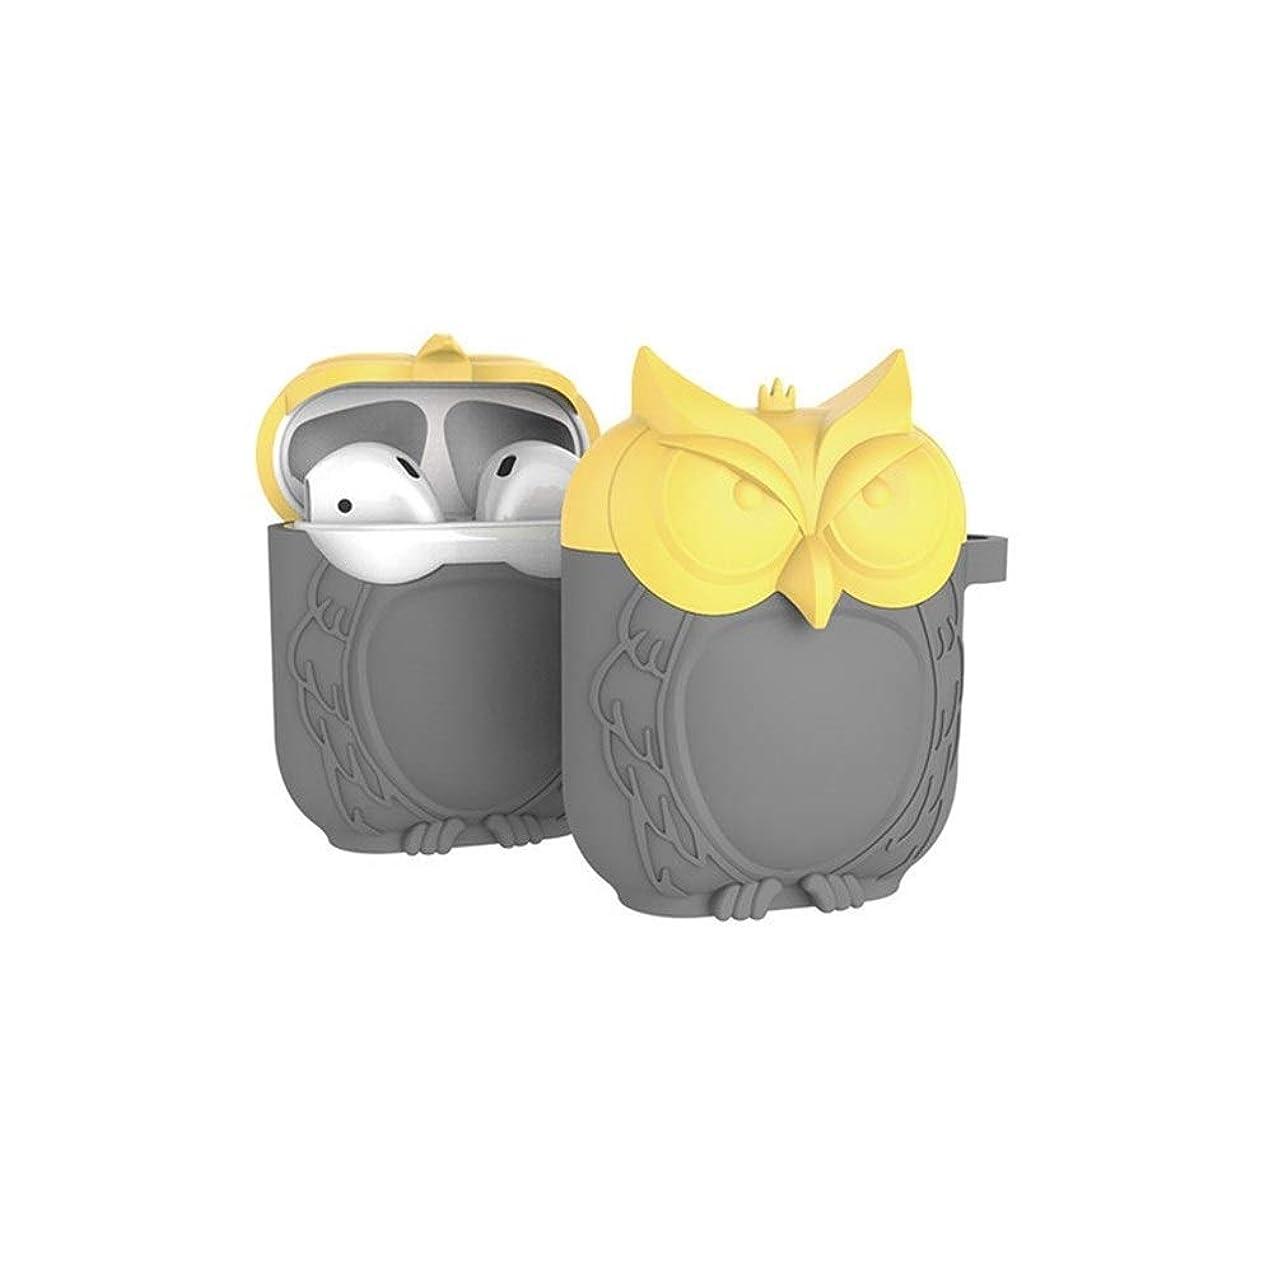 不和免疫する金額Airpodカバー、イヤホンセット、AirpodワイヤレスBluetoothヘッドセットカバー、Bluetoothヘッドセットプロテクター シリコン、耐衝撃 (Color : Gray yellow)